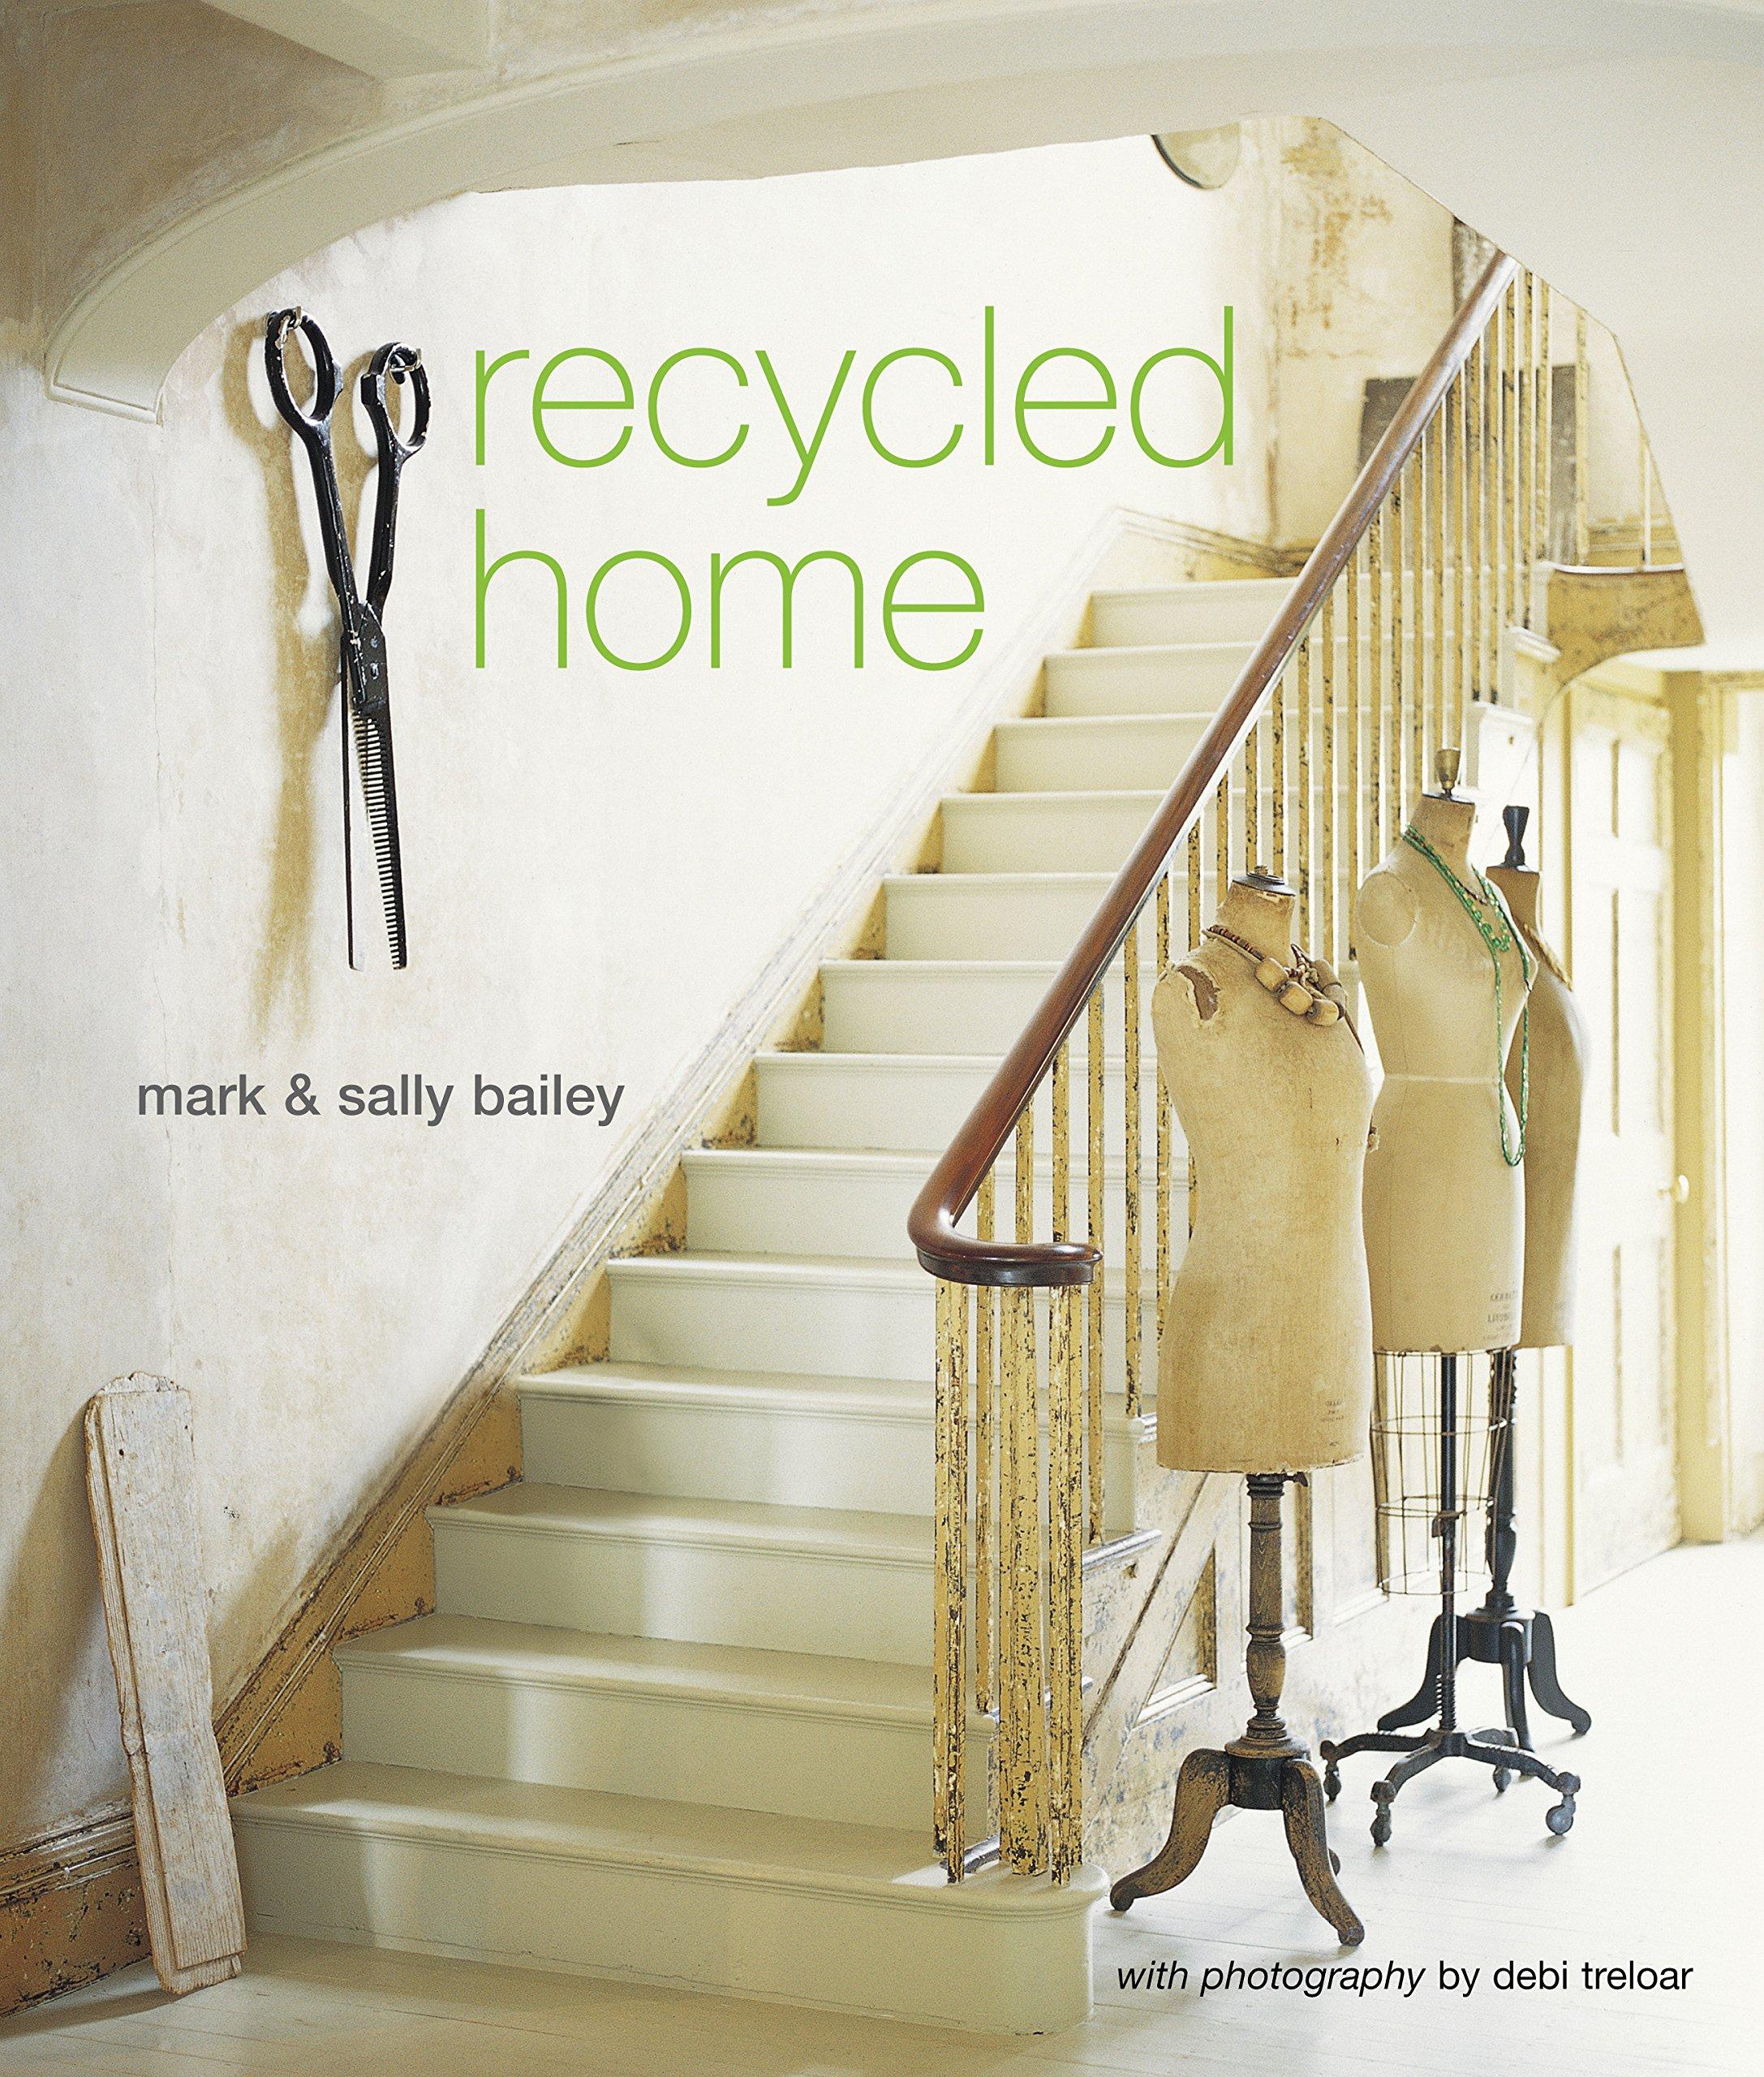 recycled home mark bailey sally bailey 9781845974510 amazon com